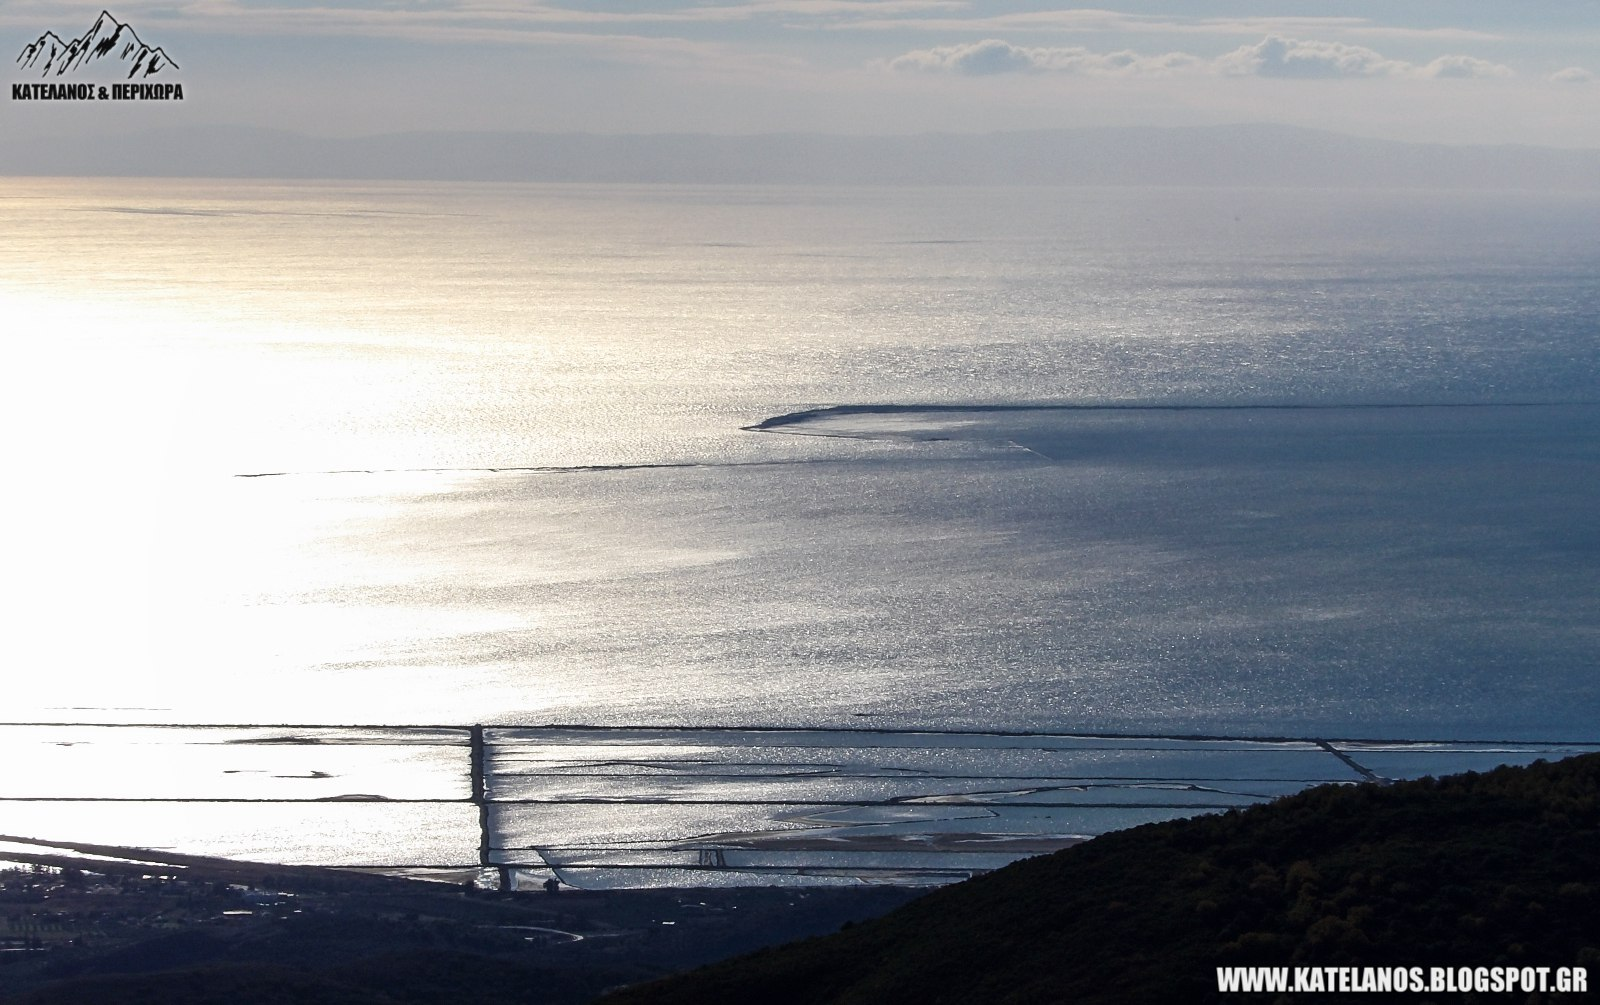 λουρος αιτωλοακαρνανιας παραλία